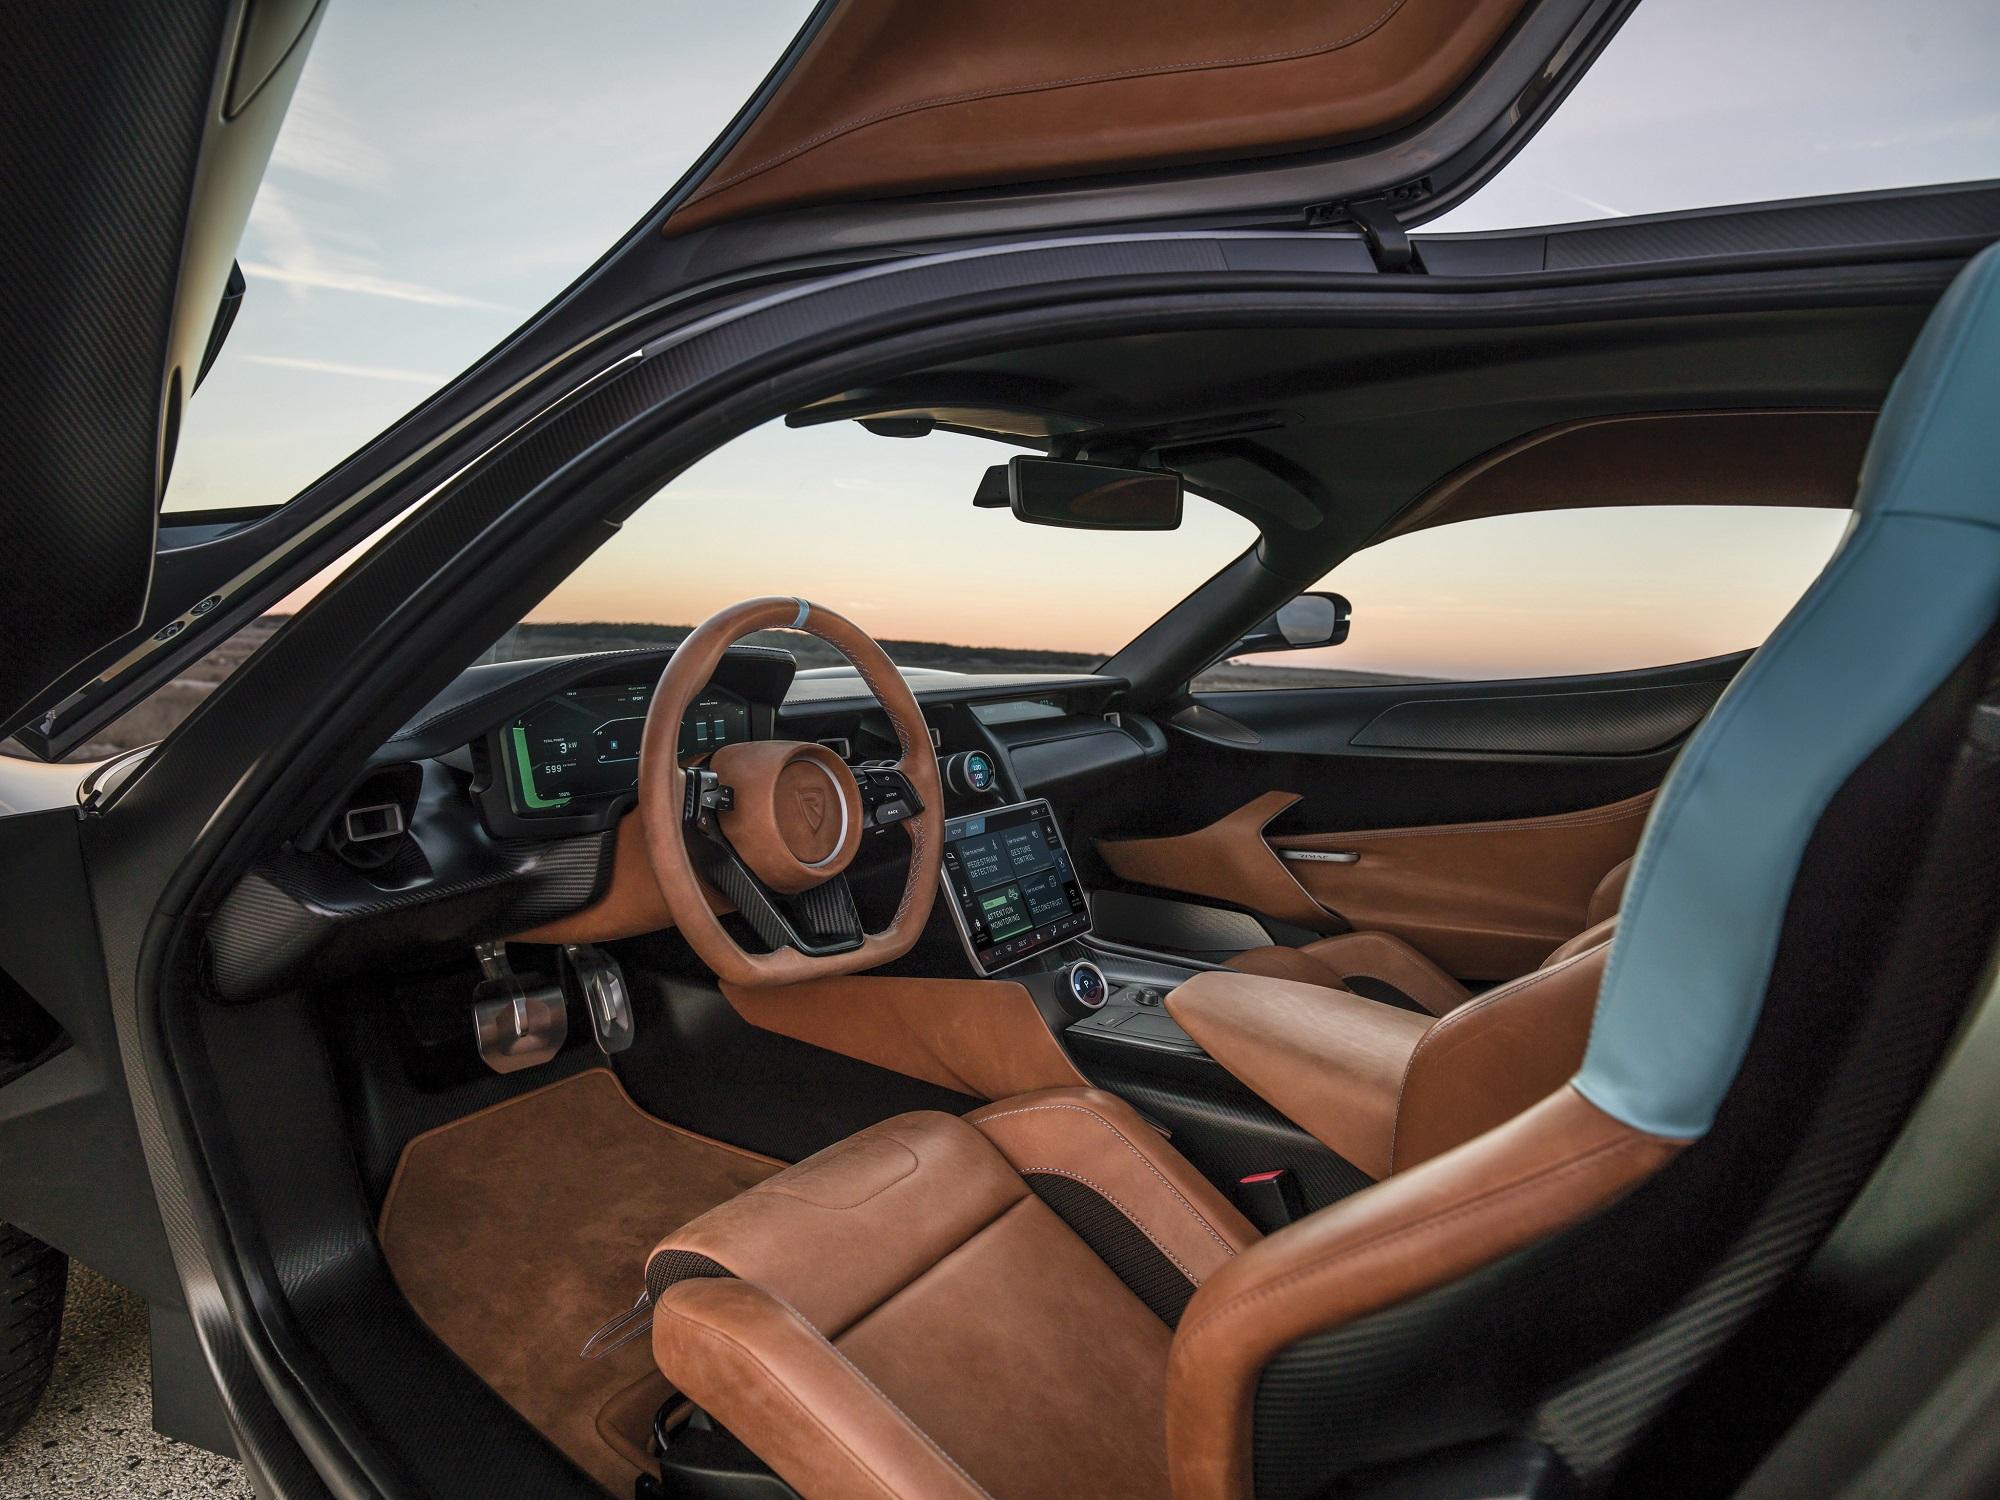 Tudo no carro aspira ser tão provocativo e aparentemente incompatível quanto o protagonismo de hipercarros elétricos